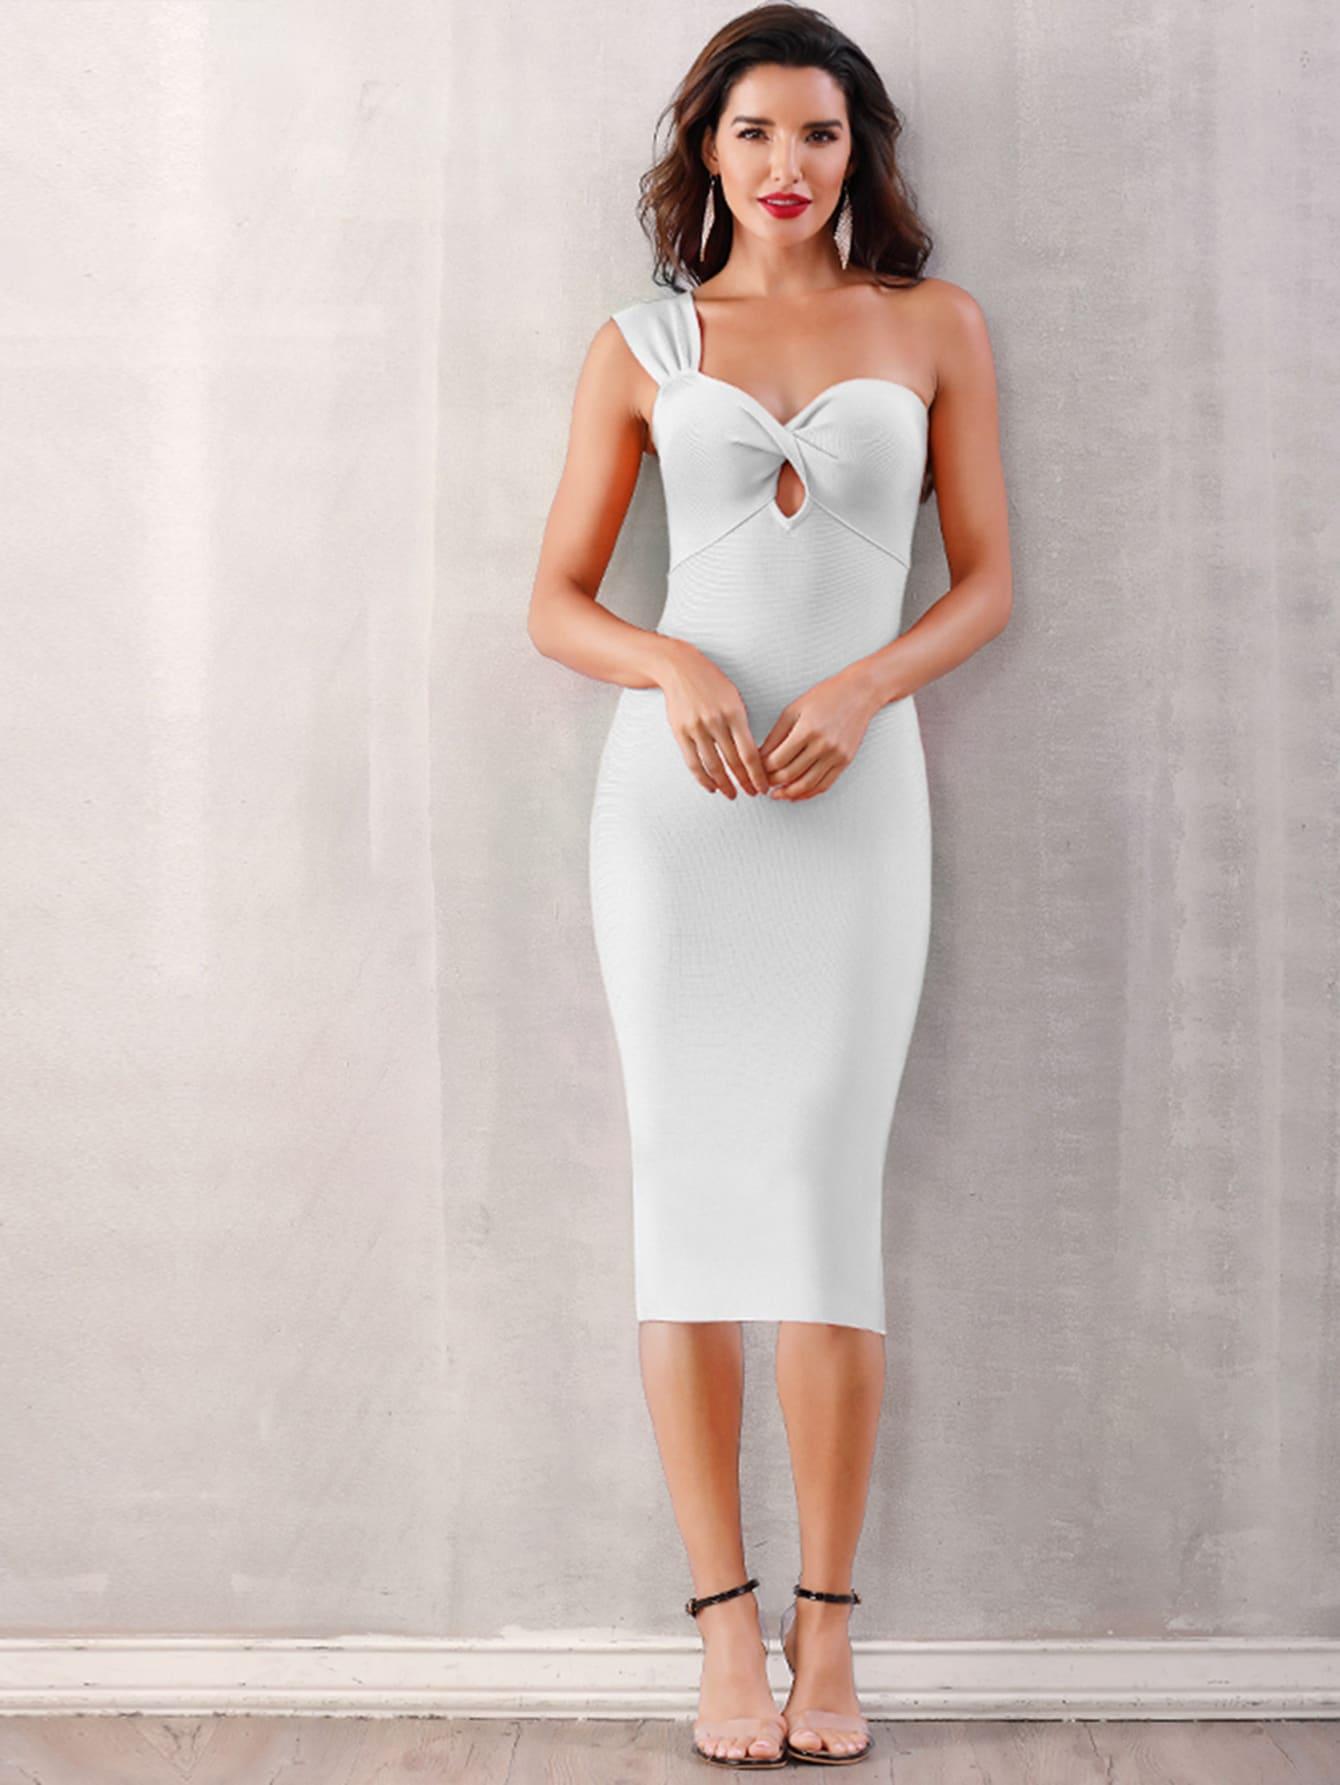 Фото - Adyce облегающее платье на одно плечо с драпировкой от SheIn цвет белые